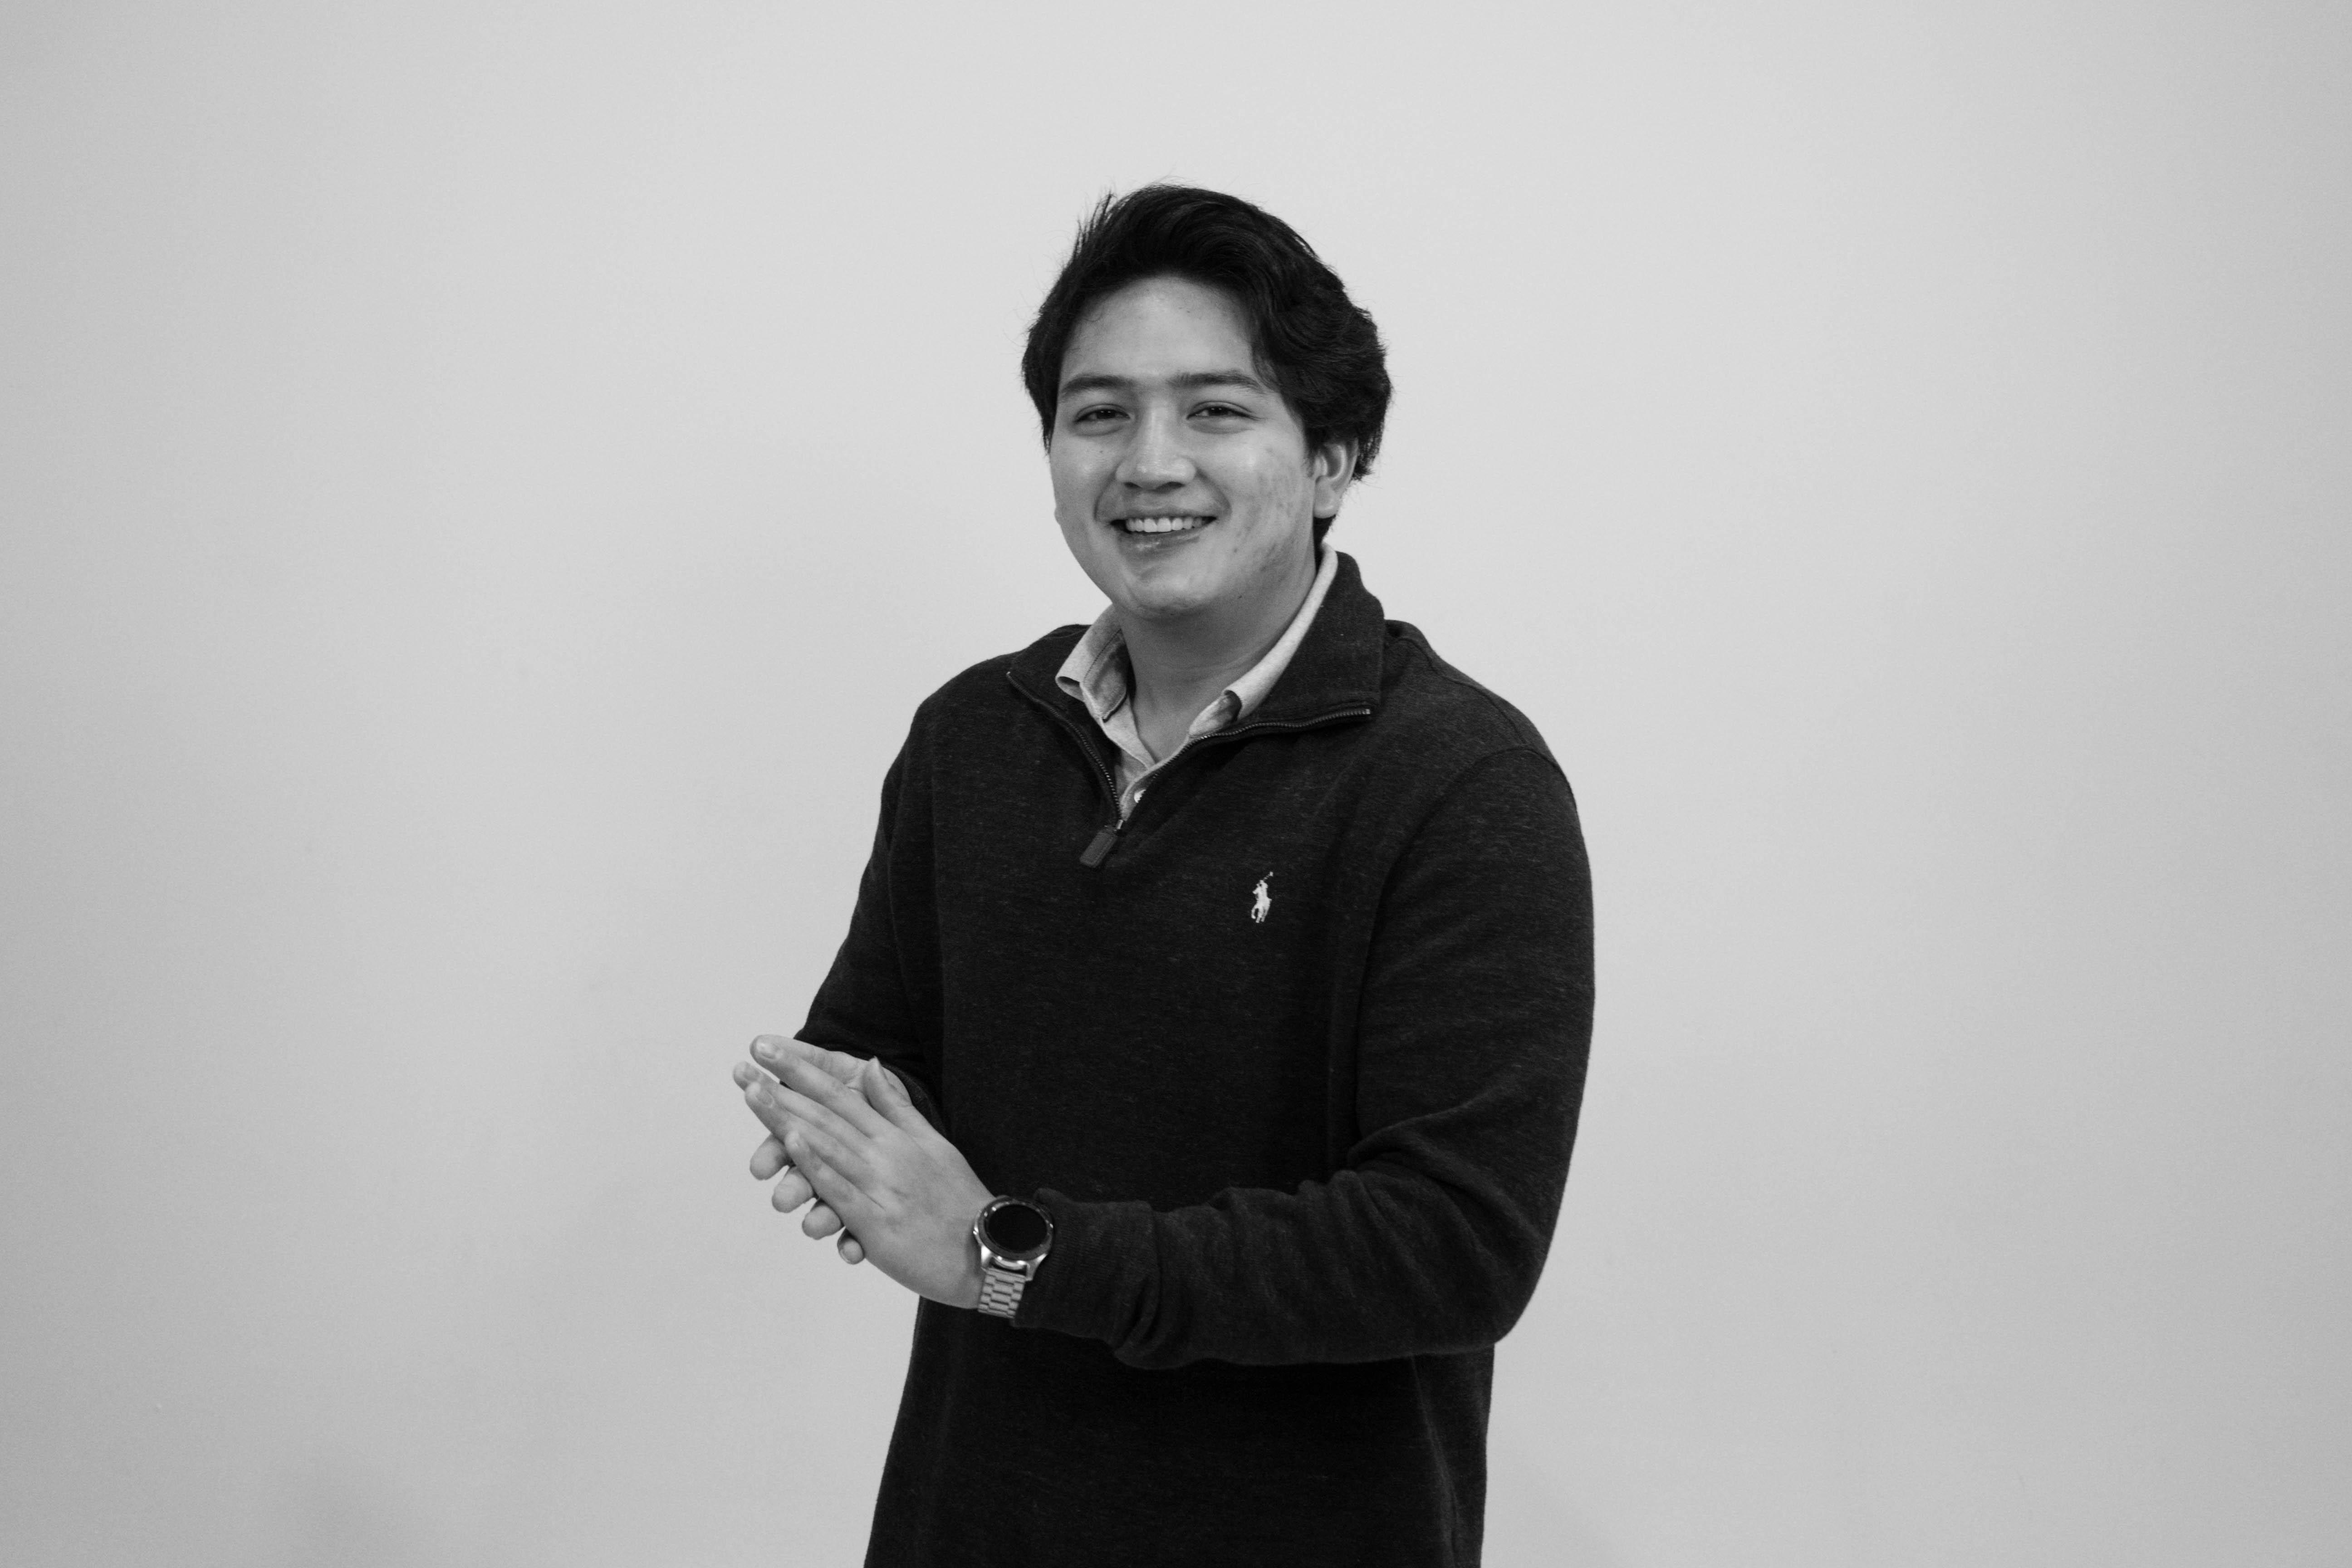 photo of executive producer jeri navarro